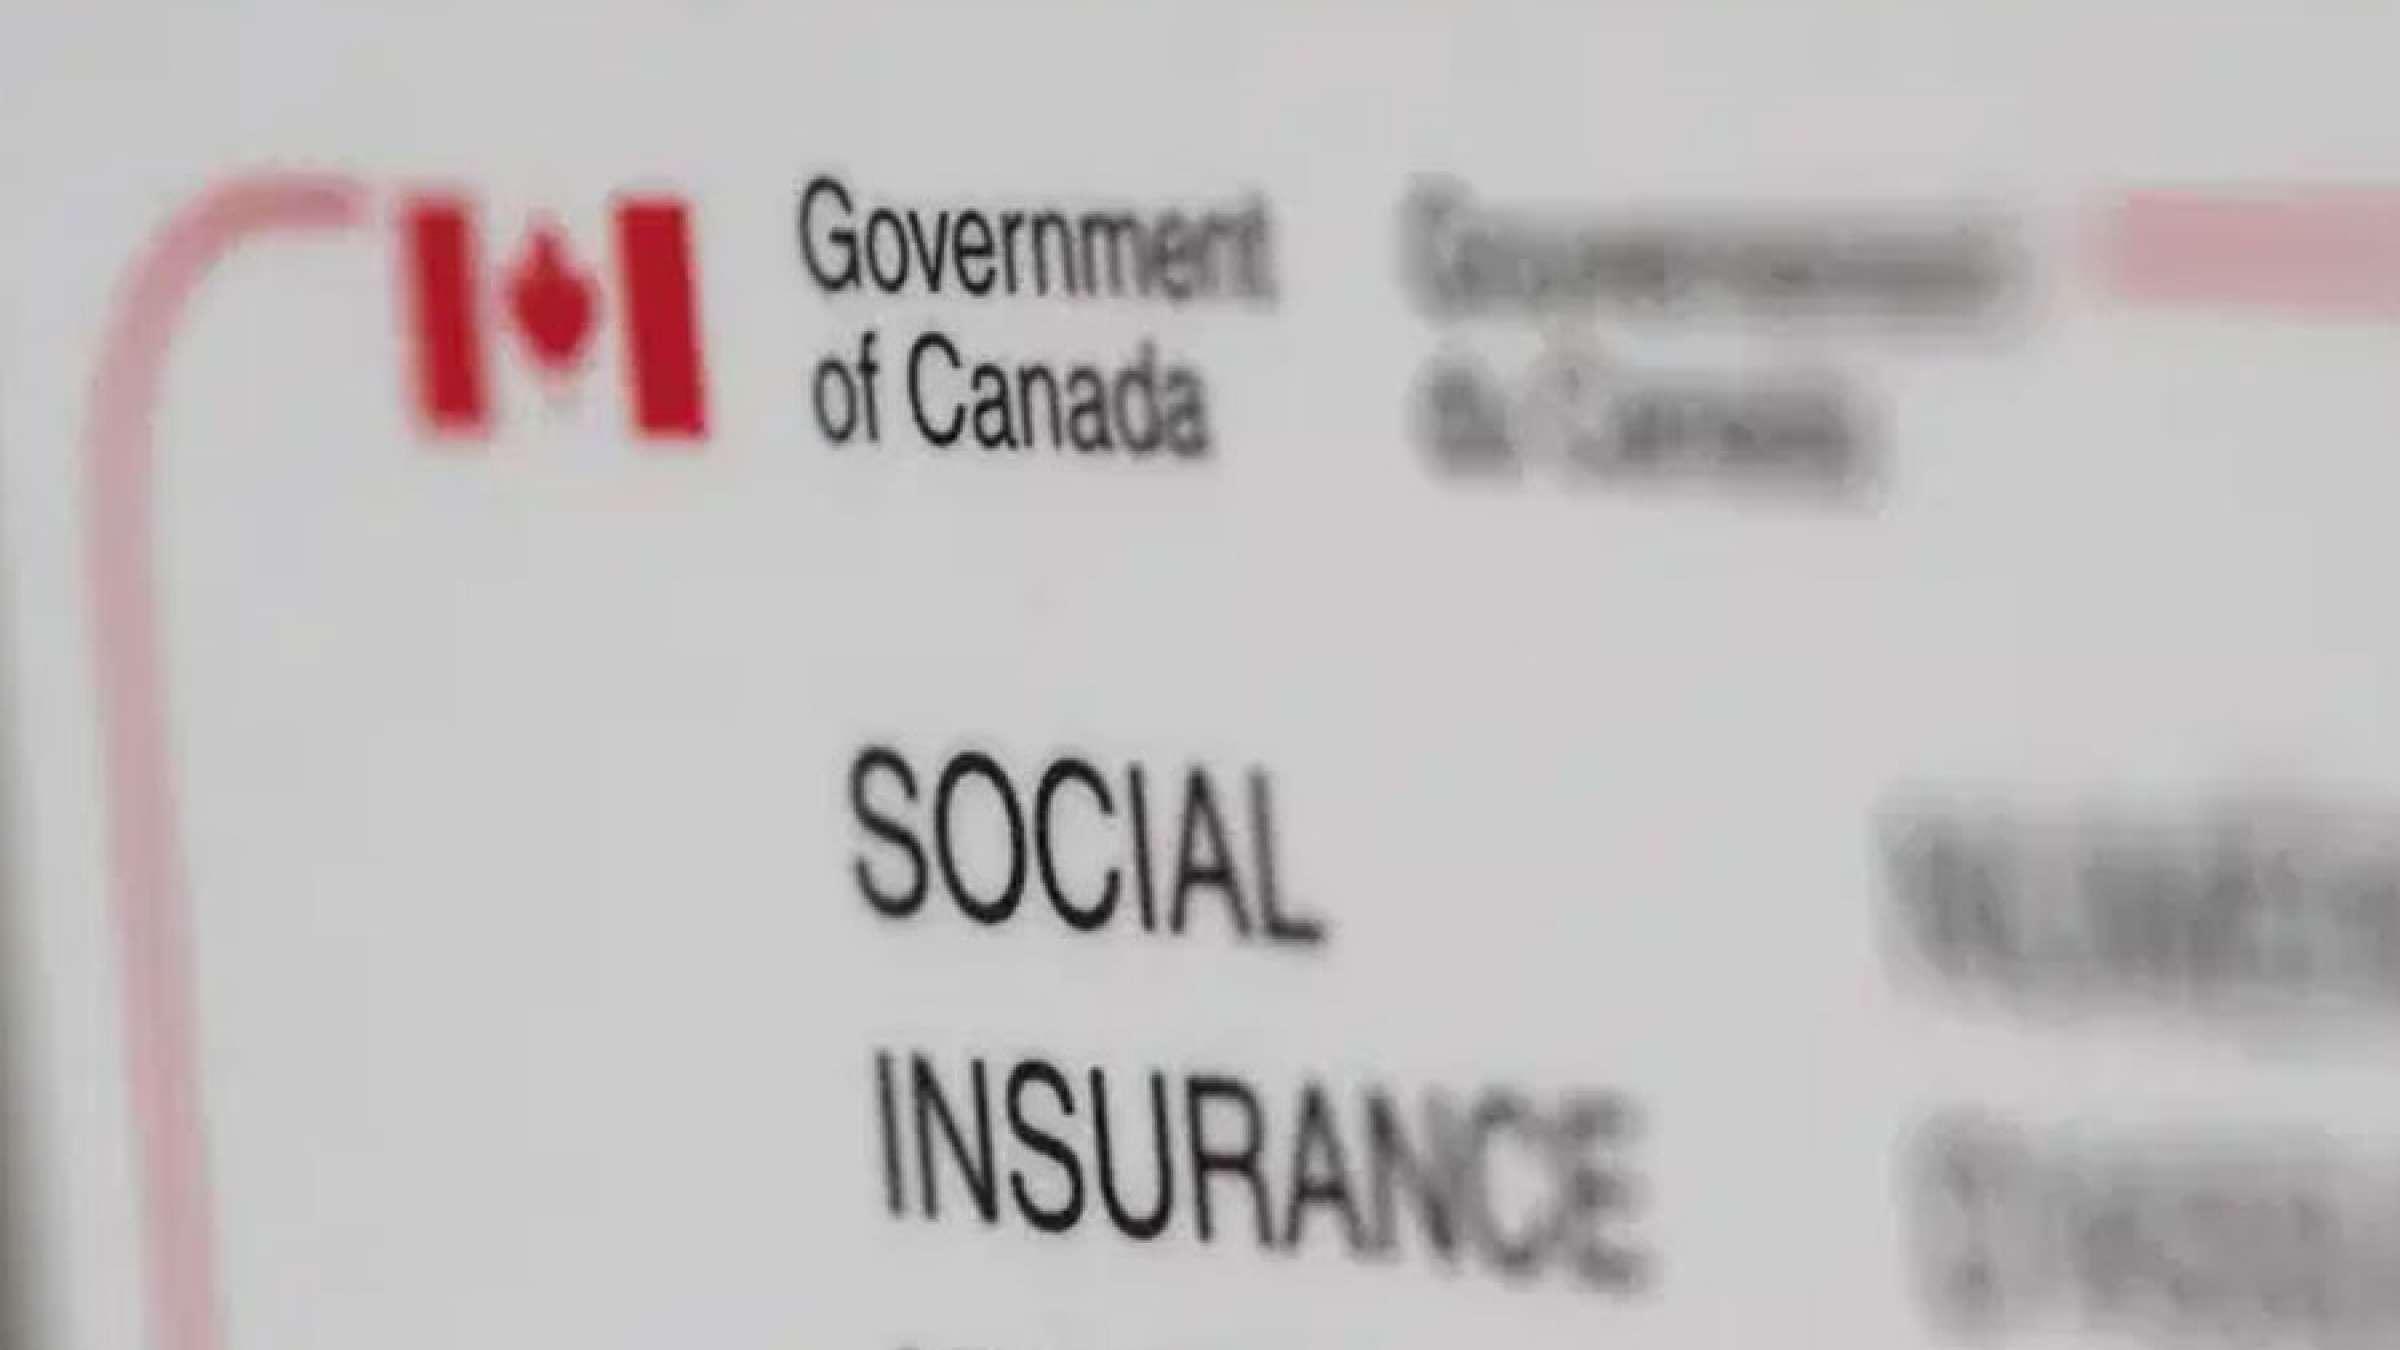 اخبار-کانادا-شش-میلیون-کانادایی-از-دولت-فدرال-کمک-اضطراری-دریافت-می-کنند